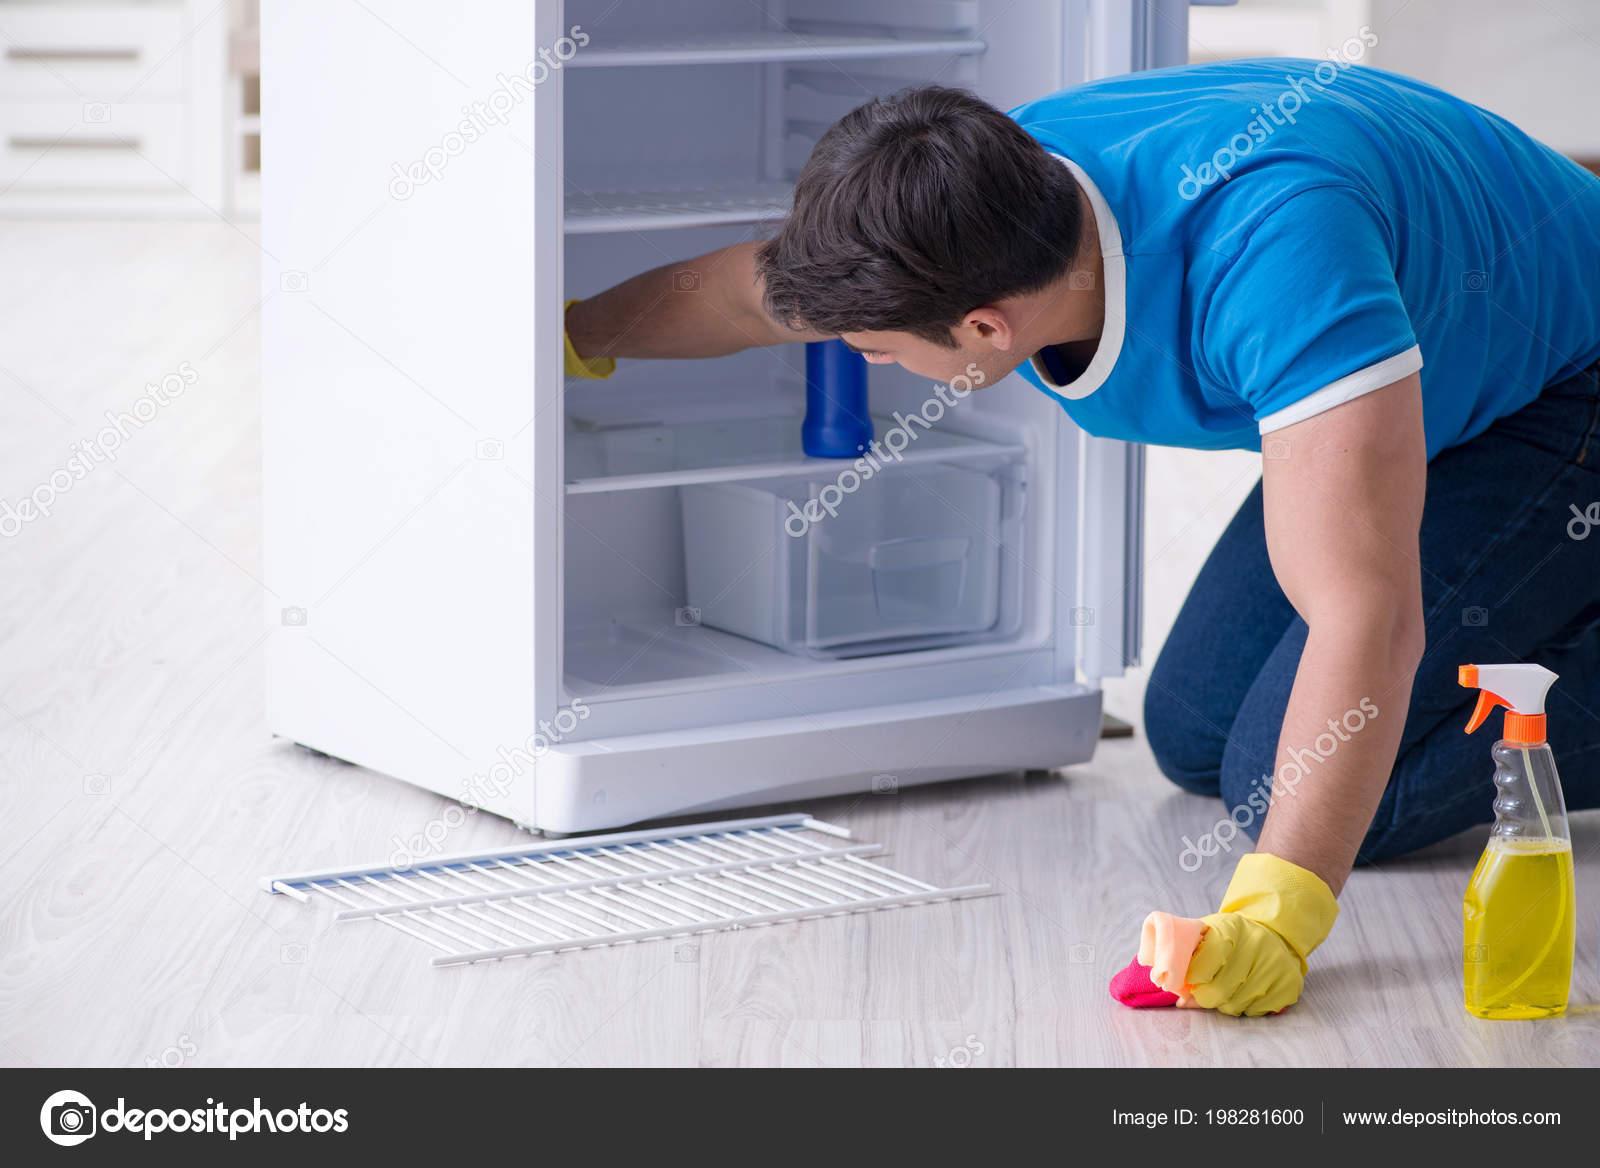 Kühlschrank Hygiene : Den kühlschrank richtig putzen putzen